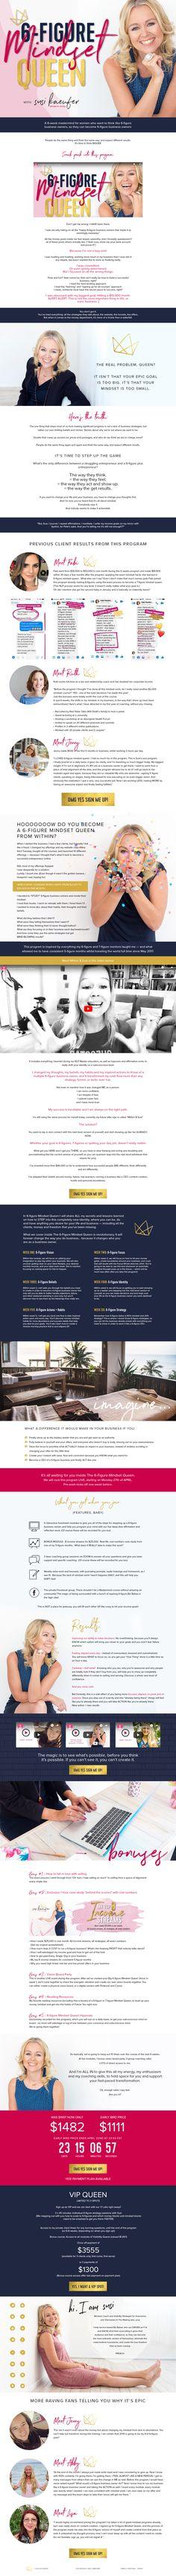 www.dreamlifedeluxe.com/6-figure-mindset-queen/ Personal Branding, Page Design, Mindset, Branding Design, Queen, Website, Attitude, Corporate Design, Identity Branding